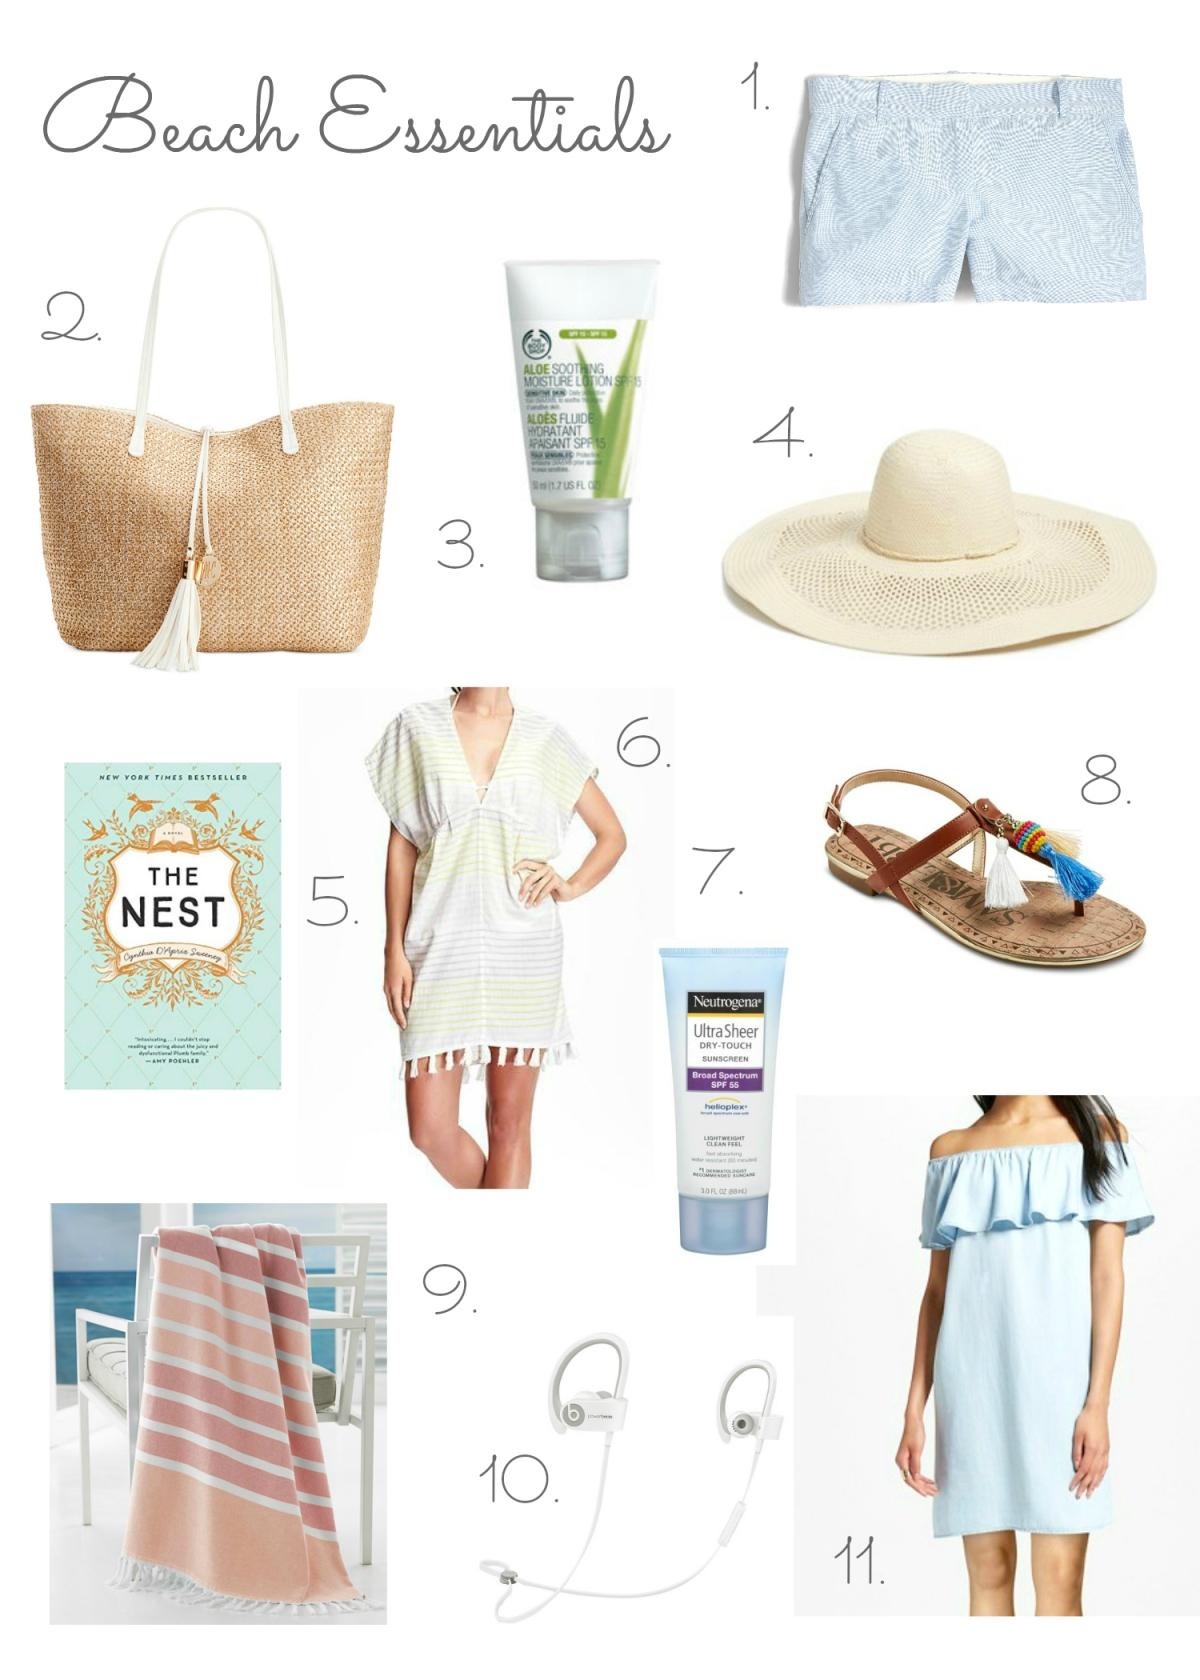 Beach Essentials 2016 |www.pearlsandsportsbras.com|